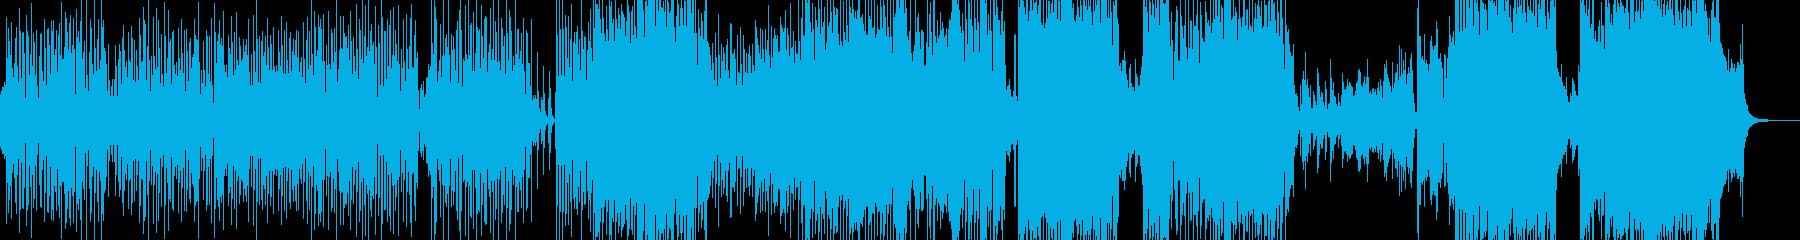 ウクレレ・南国のアコギテクノポップの再生済みの波形